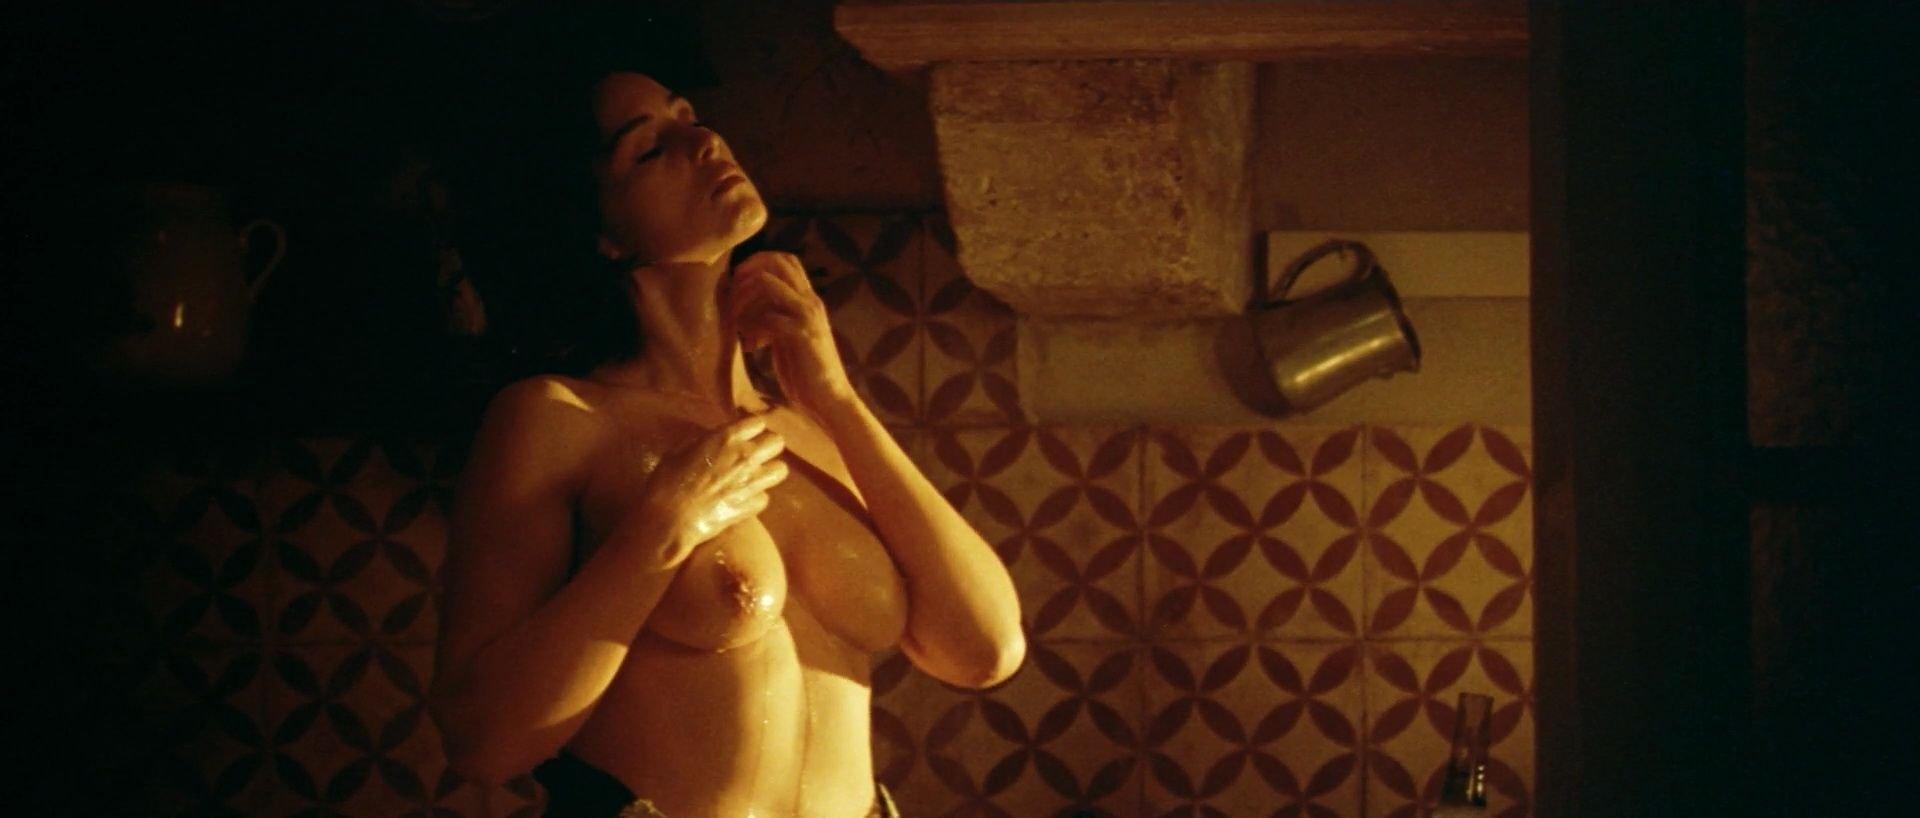 Celeb Monica Bellucci Naked Photos